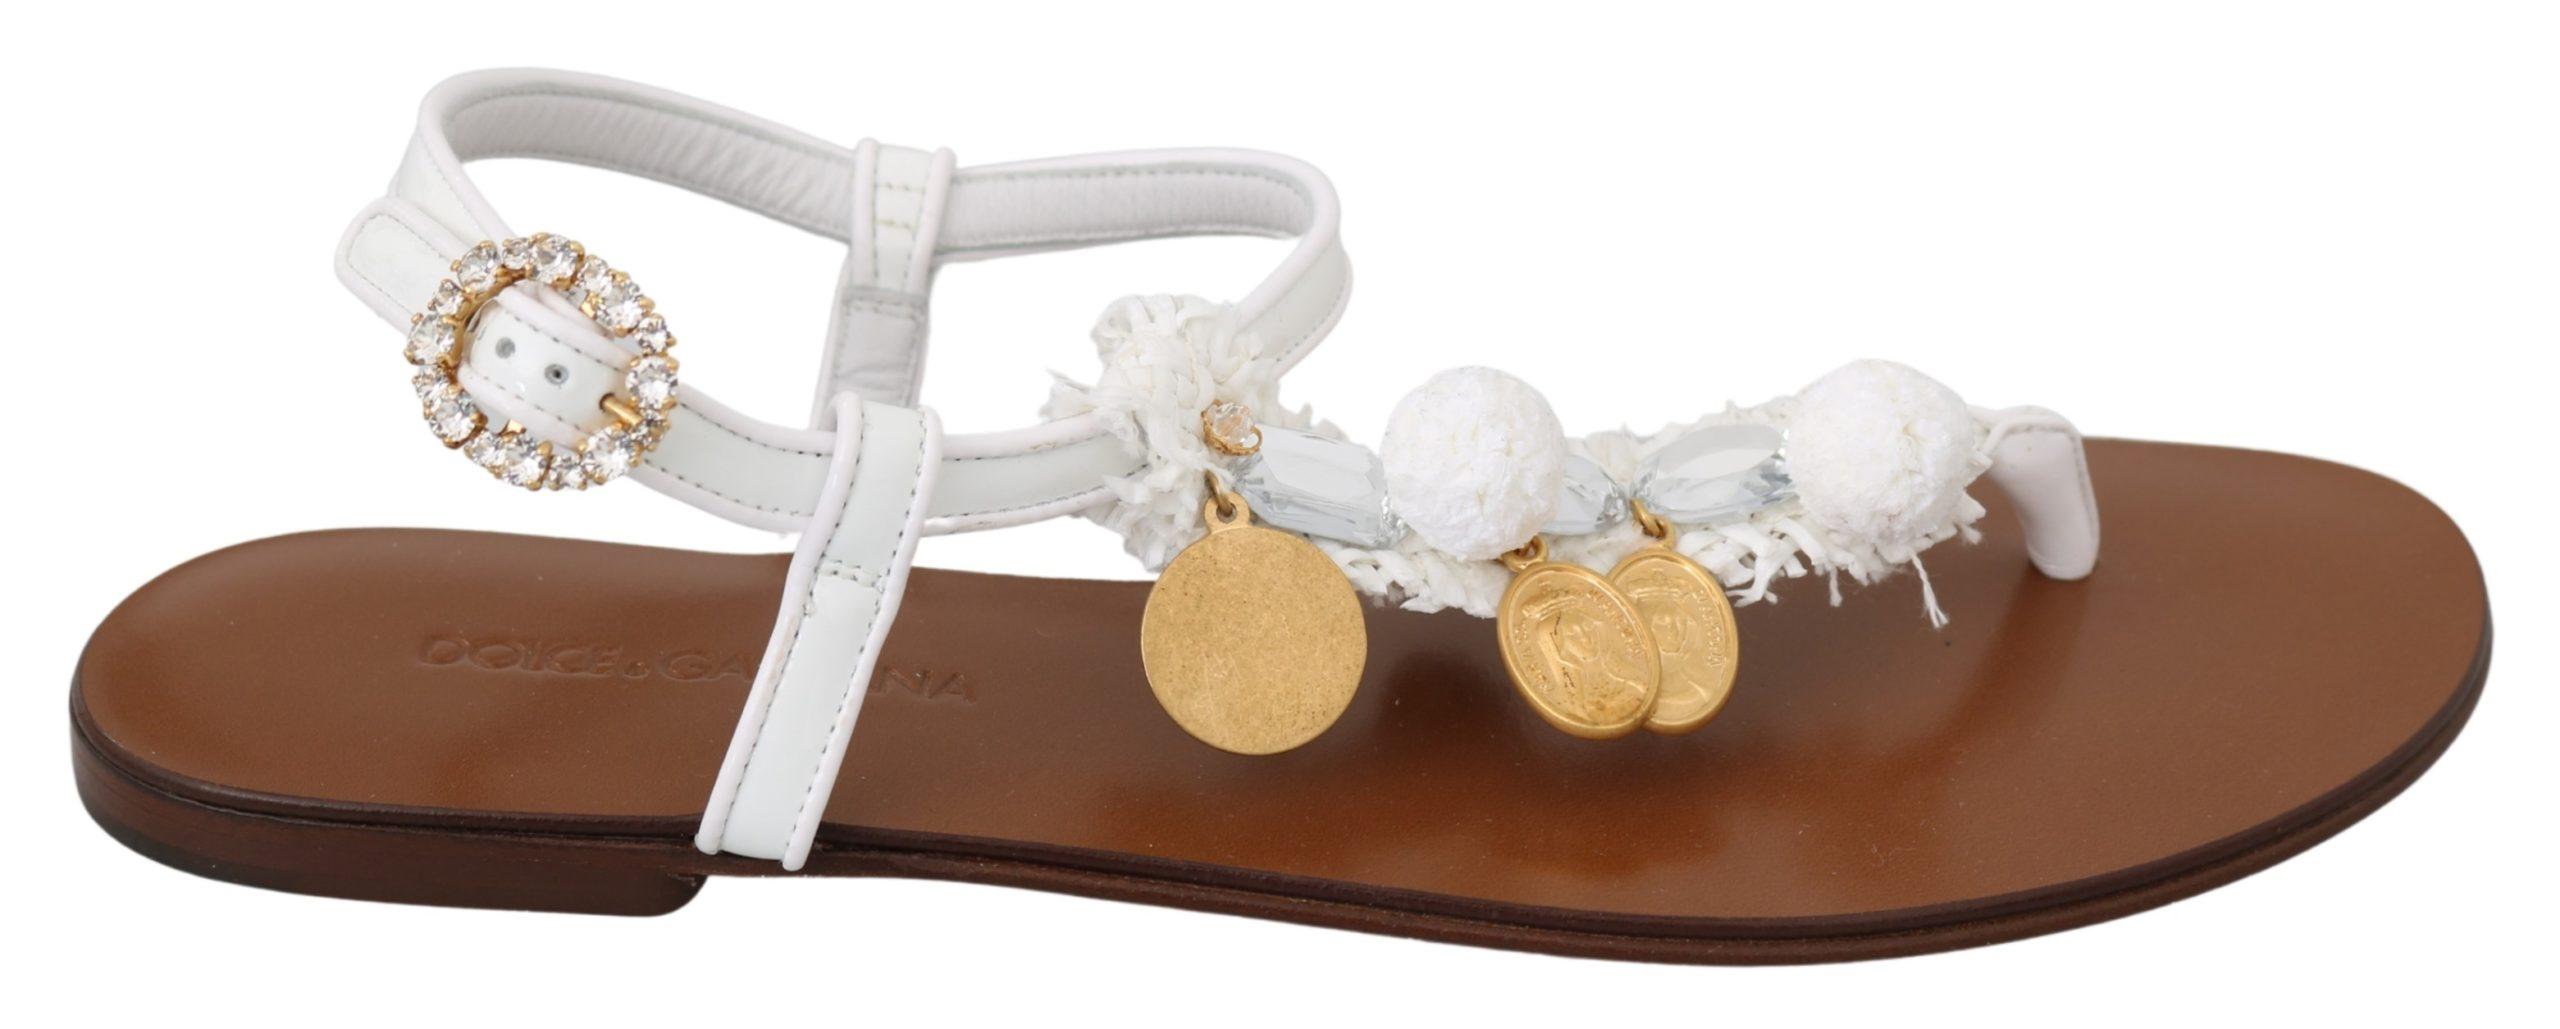 Dolce & Gabbana Women's Crystal Coins Sandal White LA6889 - EU36/US5.5